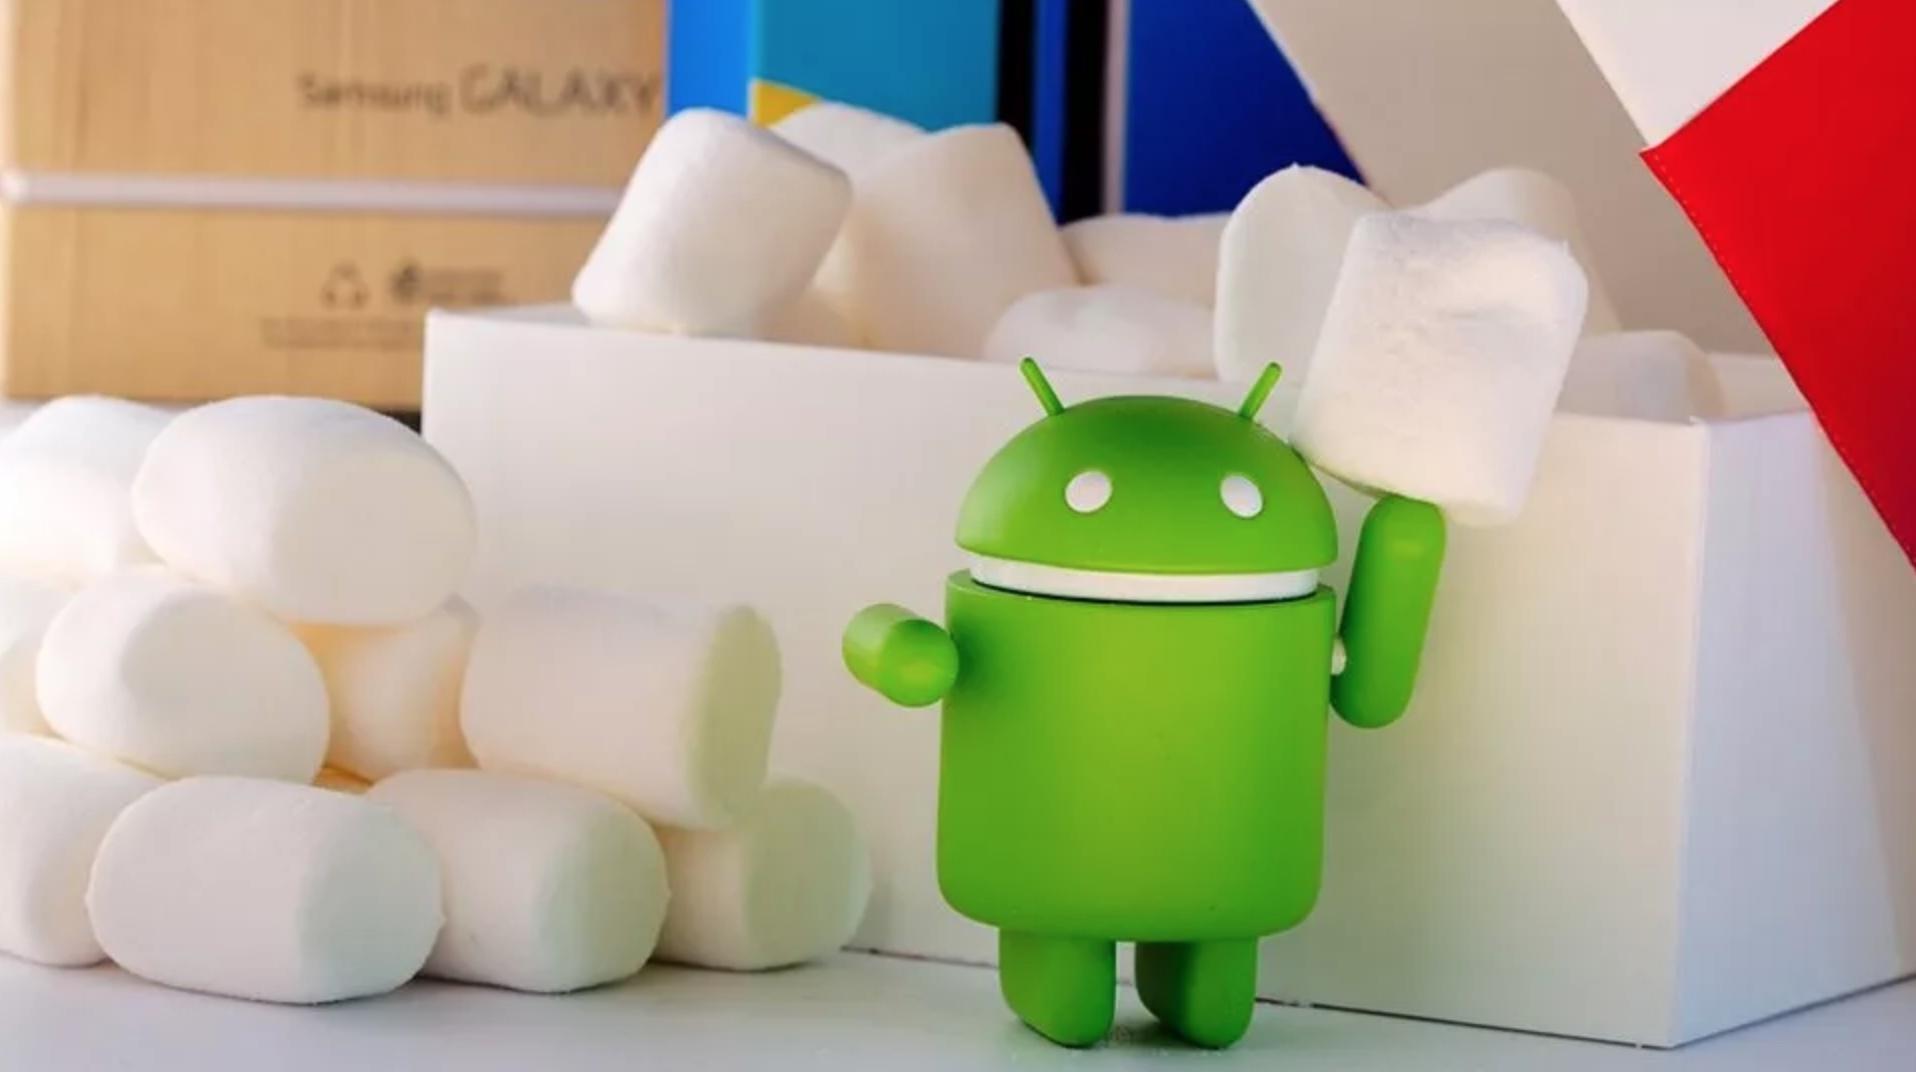 مستخدمي Android 12 سيمكنهم التعامل مع الهاتف بيد واحدة